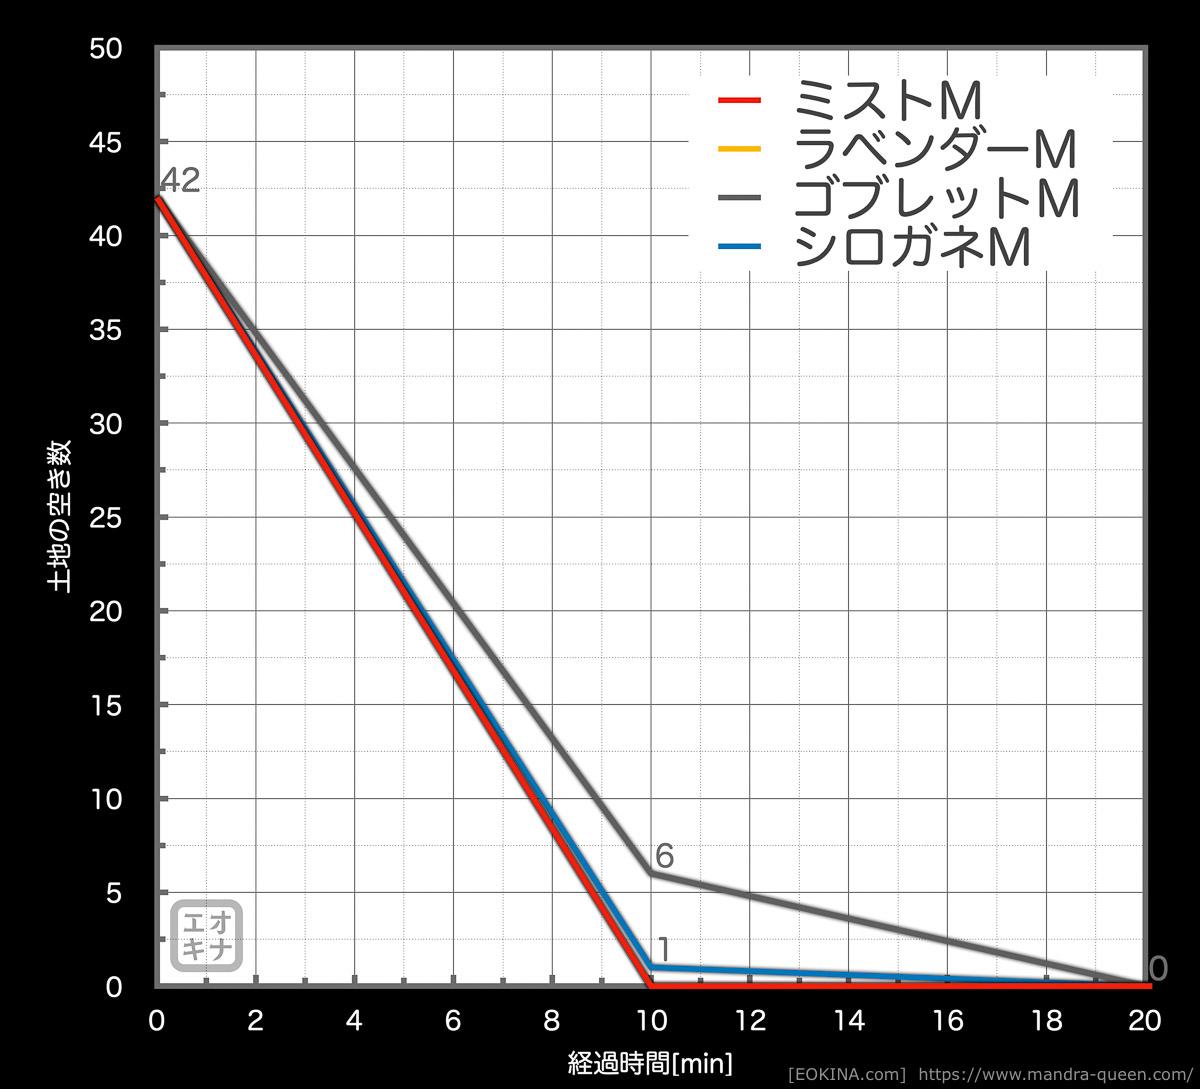 パッチ5.35でのハウジング土地追加時のMサイズの空き数変化。